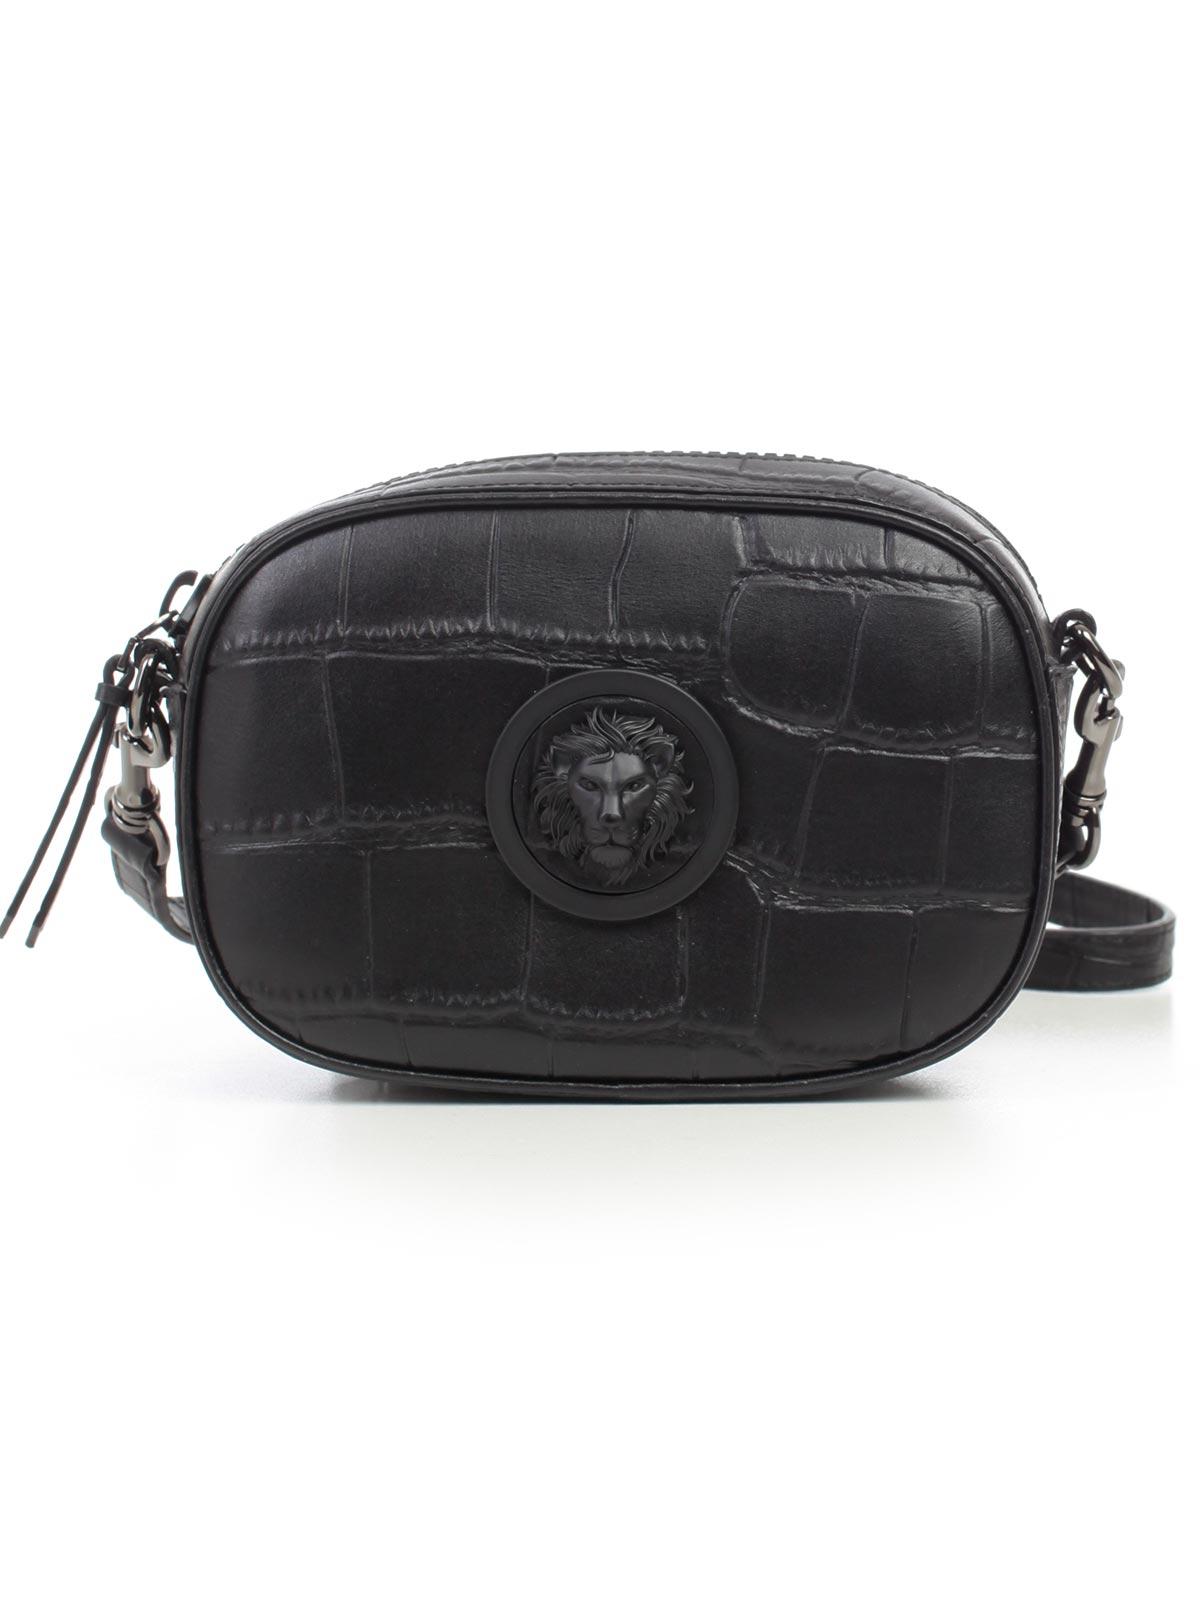 Picture of Versus Versace Bags